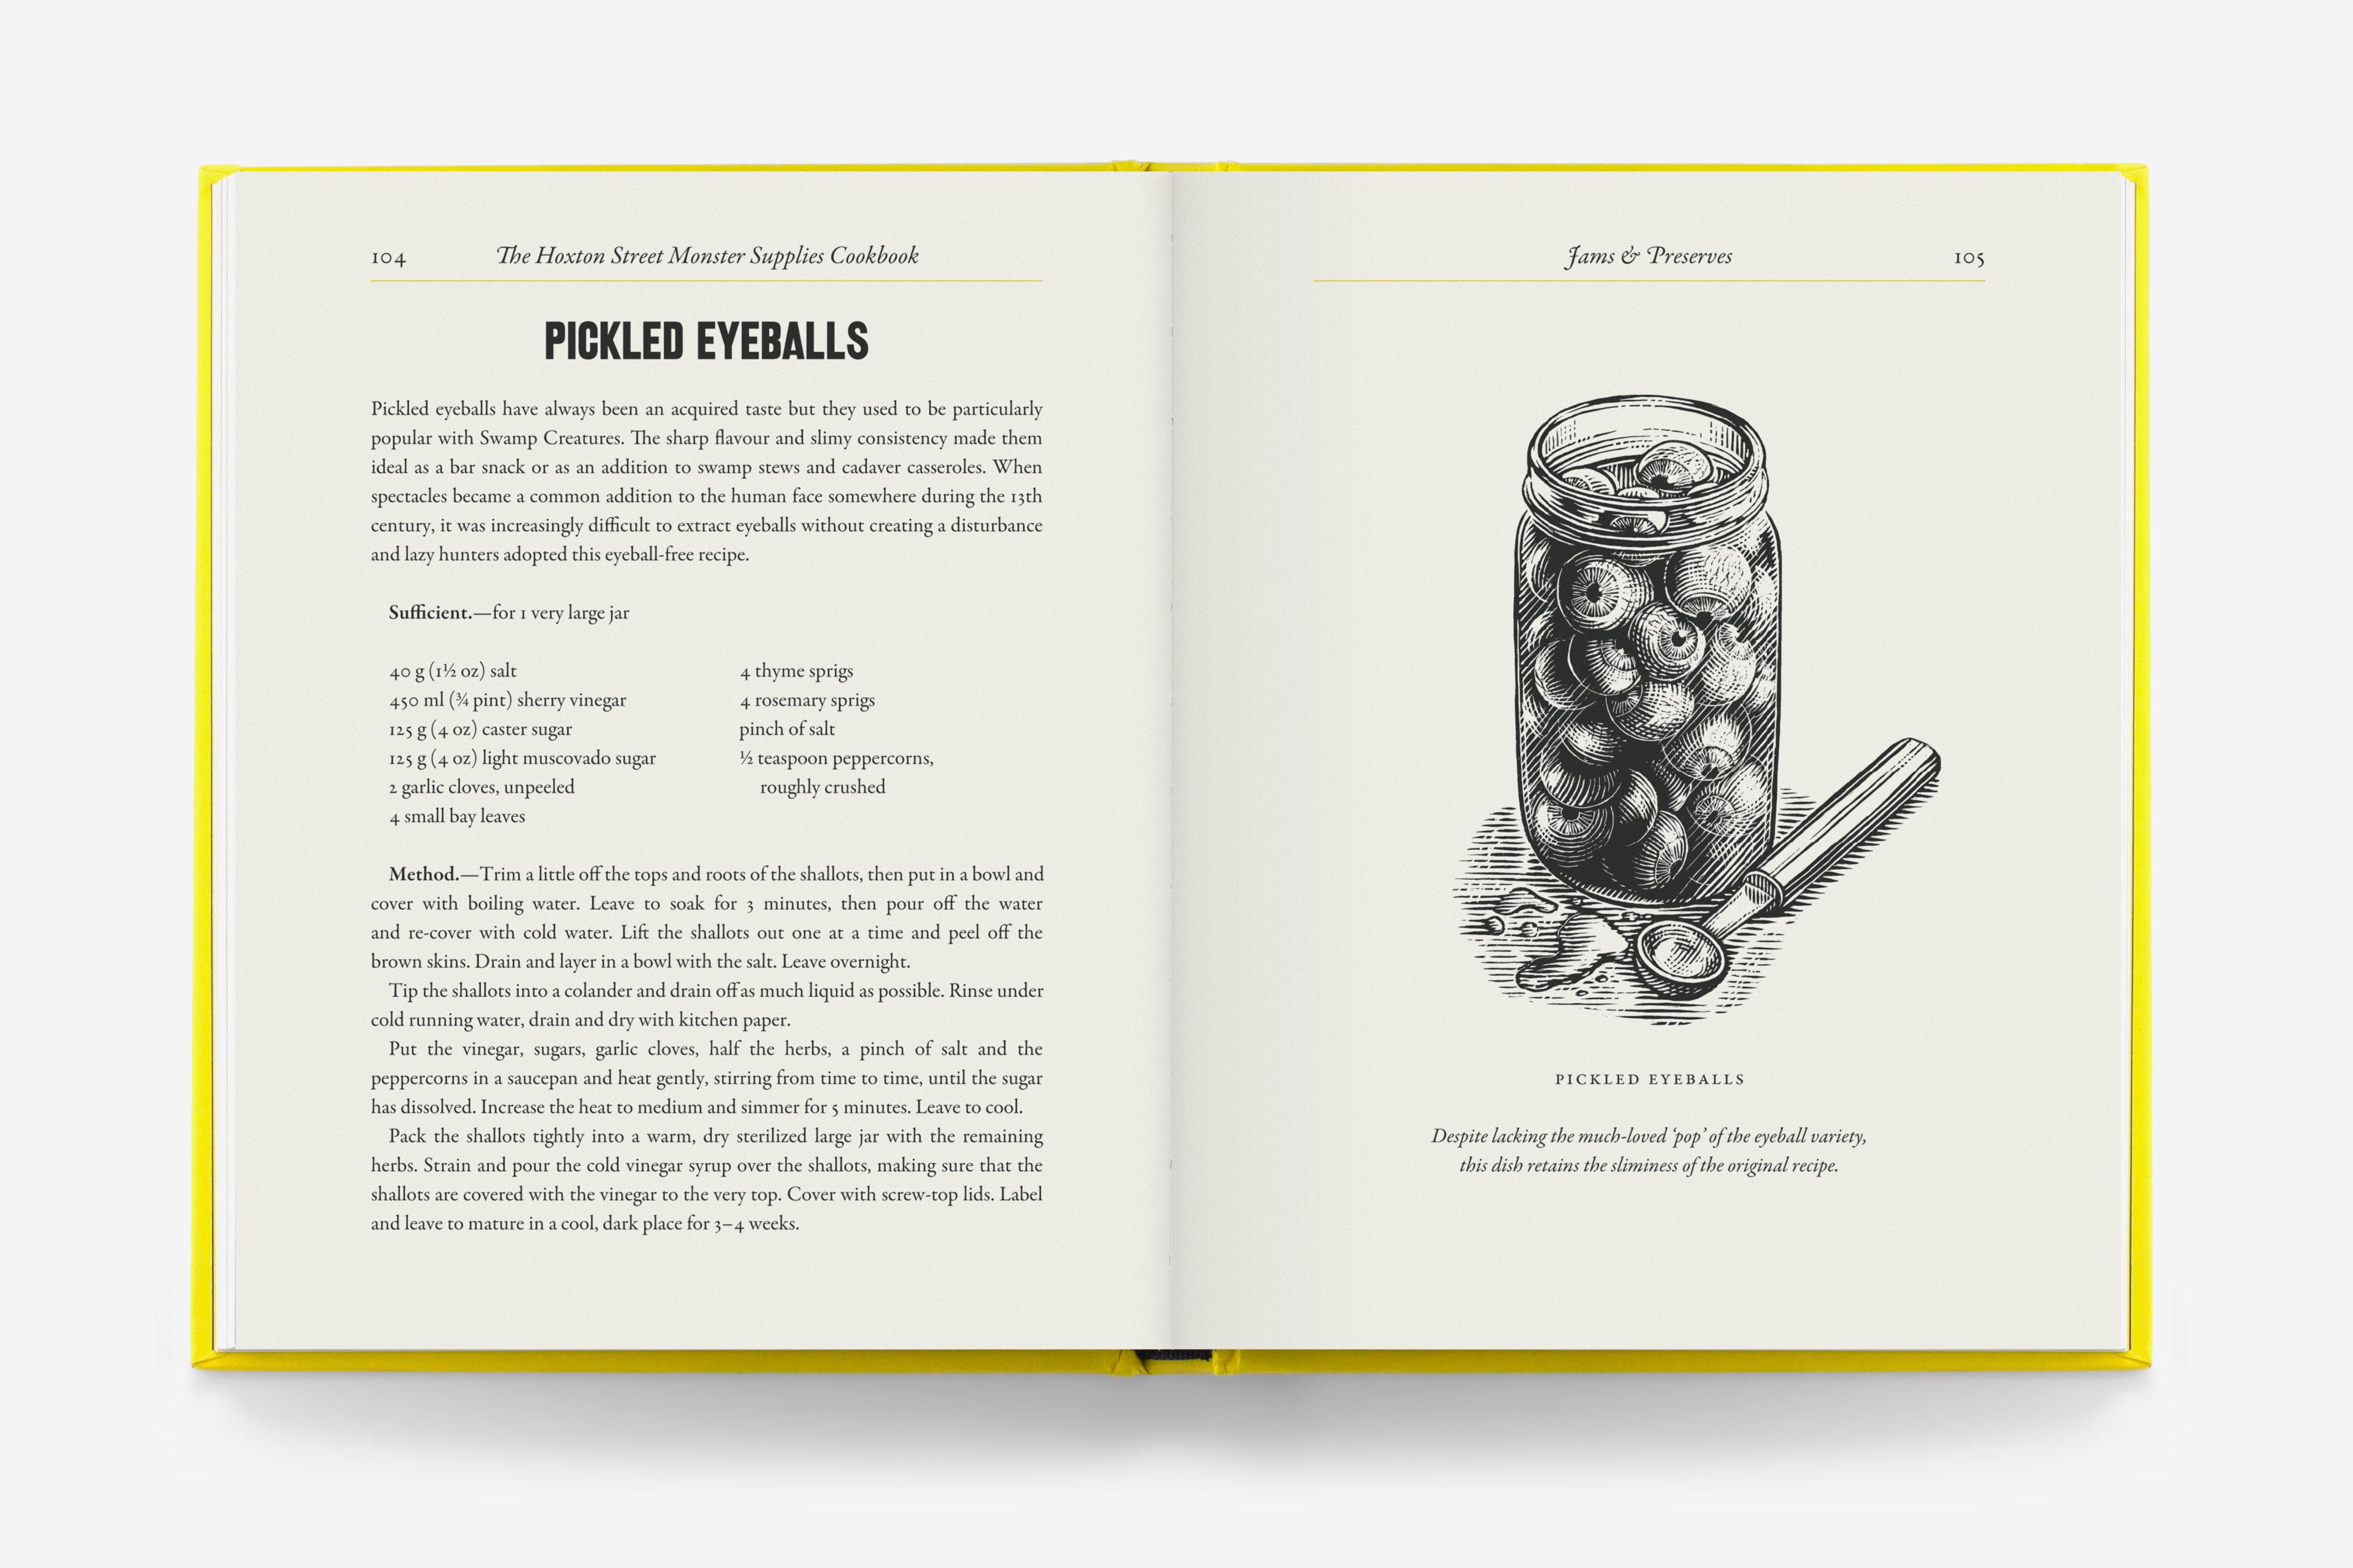 hsms_cookbook_104-5